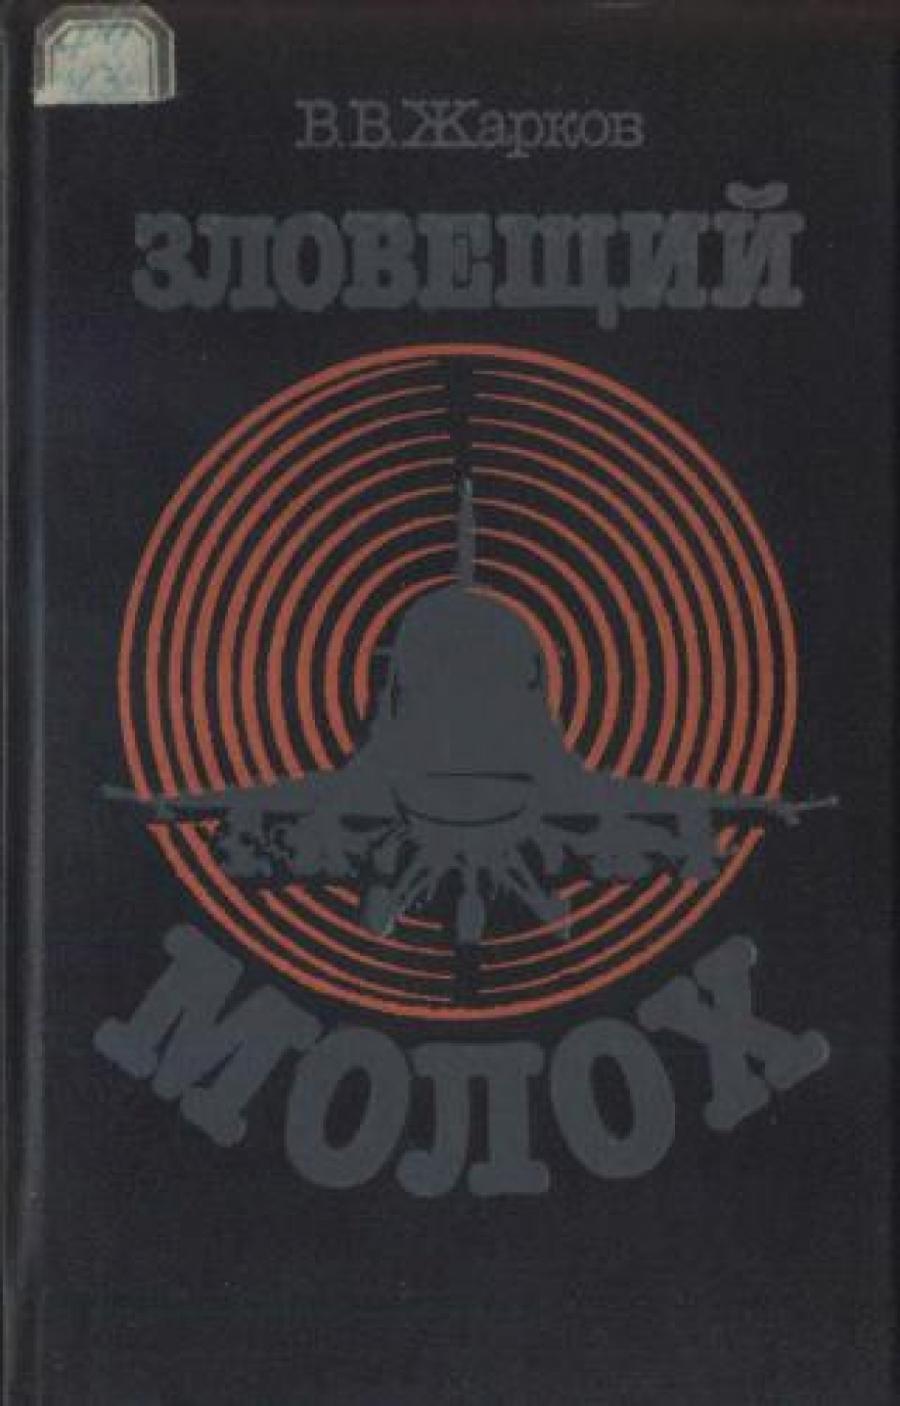 Обложка книги:  жарков в.в. - зловещий молох транснациональный военный бизнес в действии